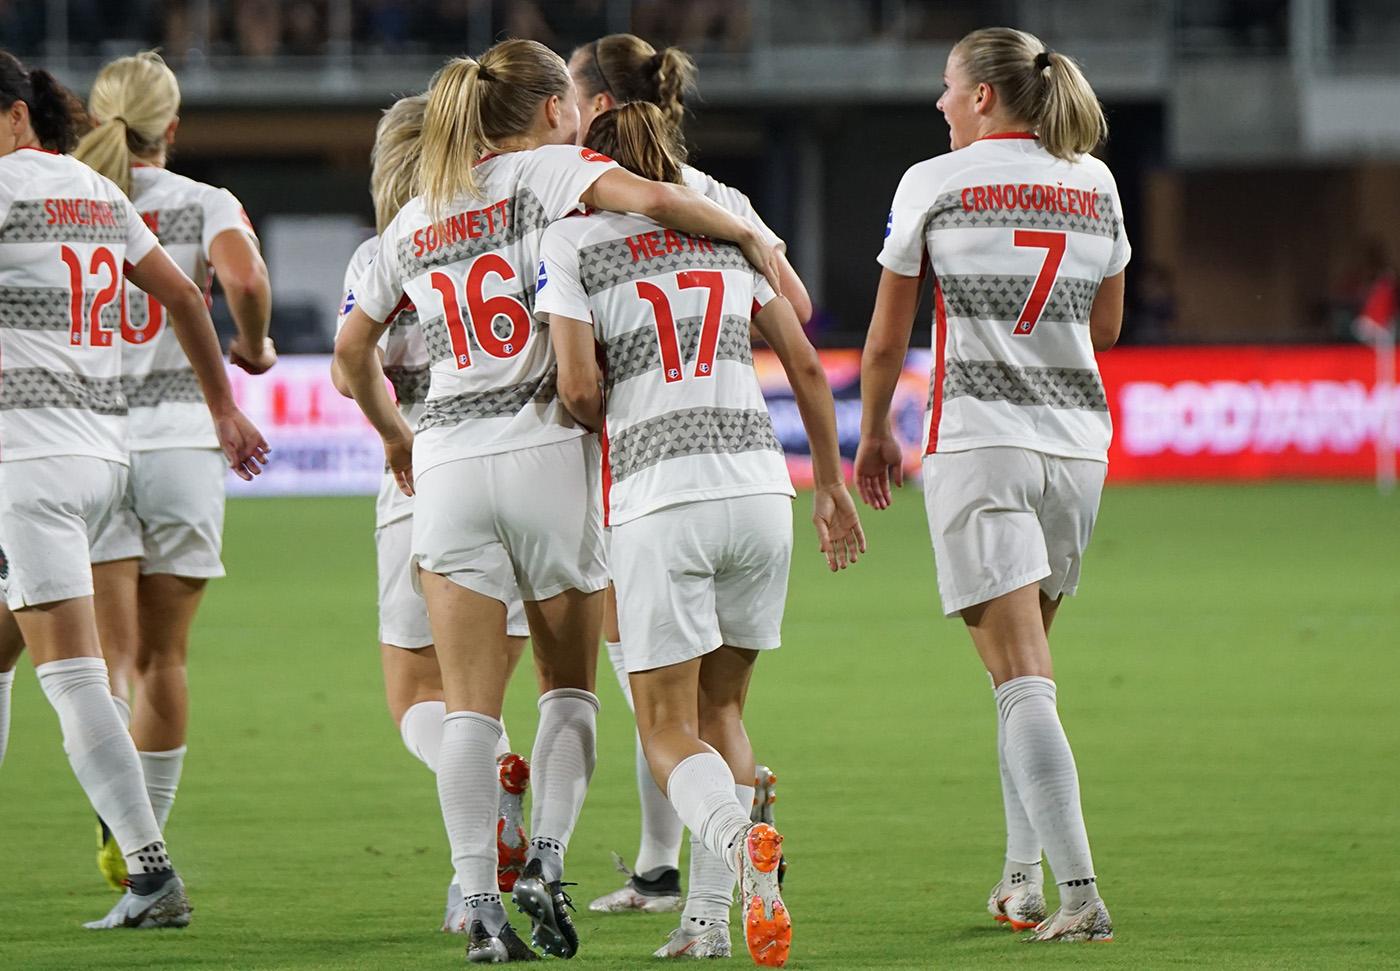 Fotbalové MS žen se zvětšuje | Sportbiz